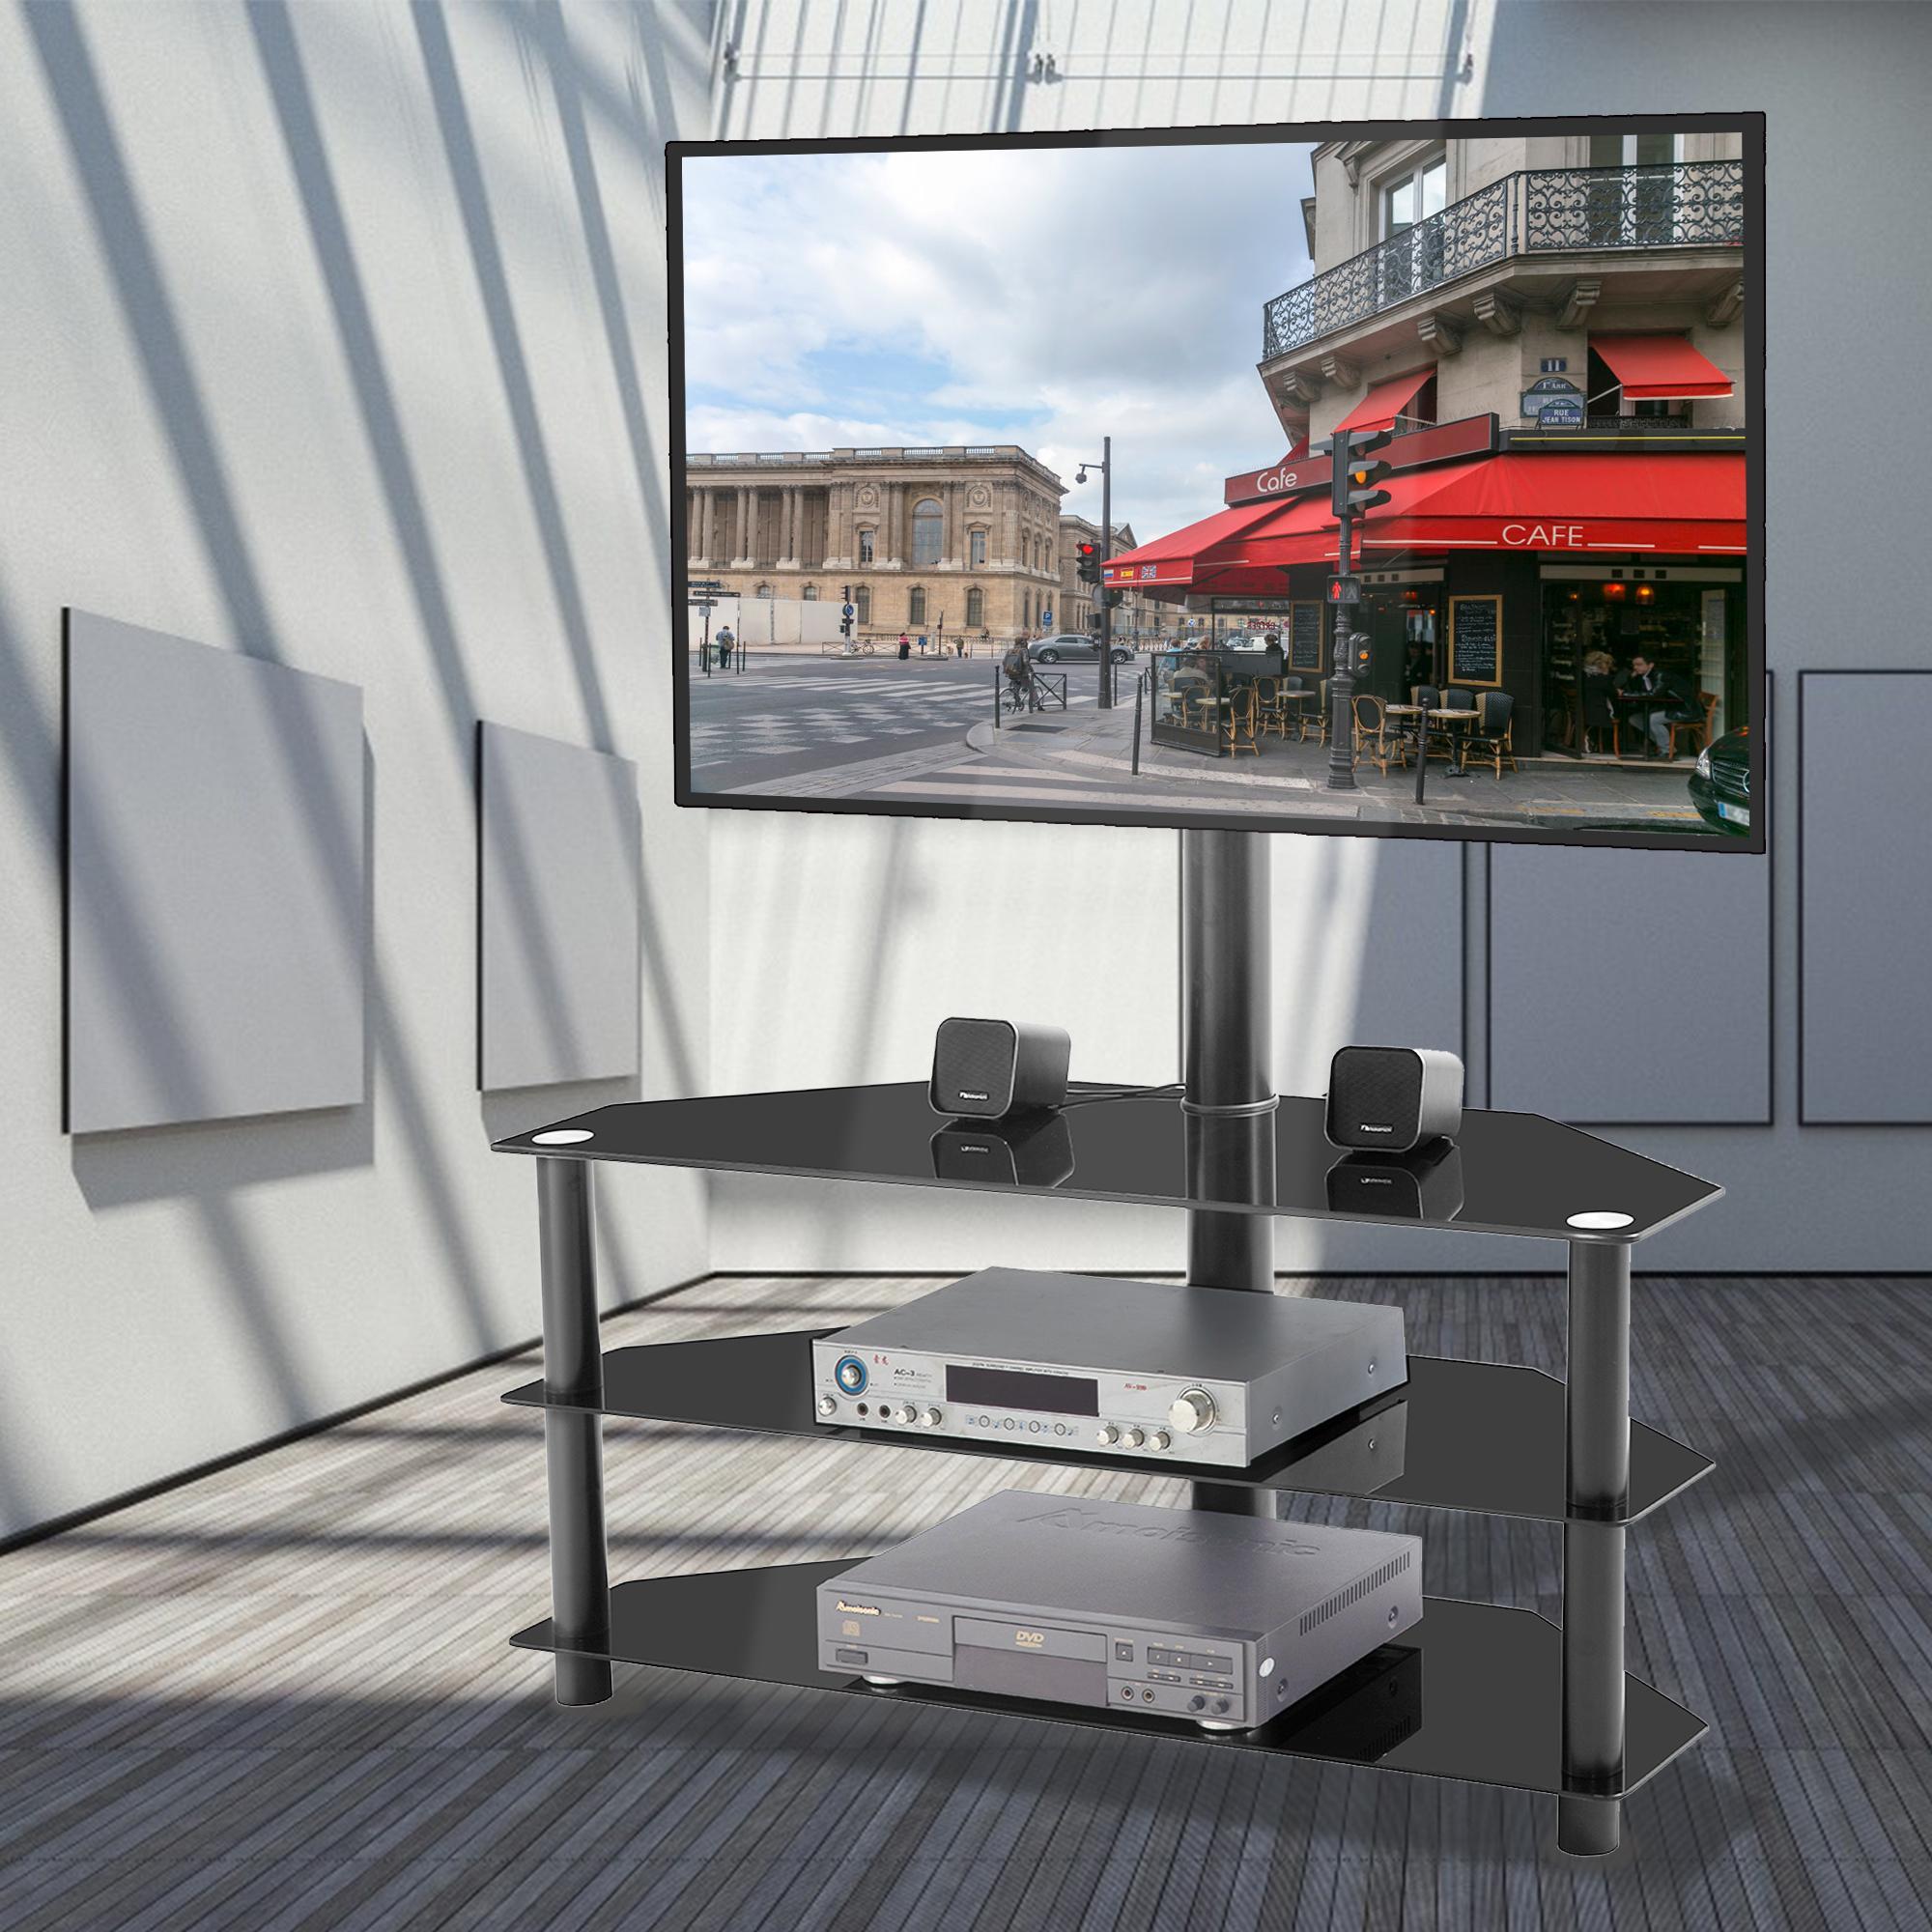 미국 주식, 블랙 다기능 TV 스탠드 높이 조절 브라켓 회전 3 계층 홈 거실 가구 W24105047